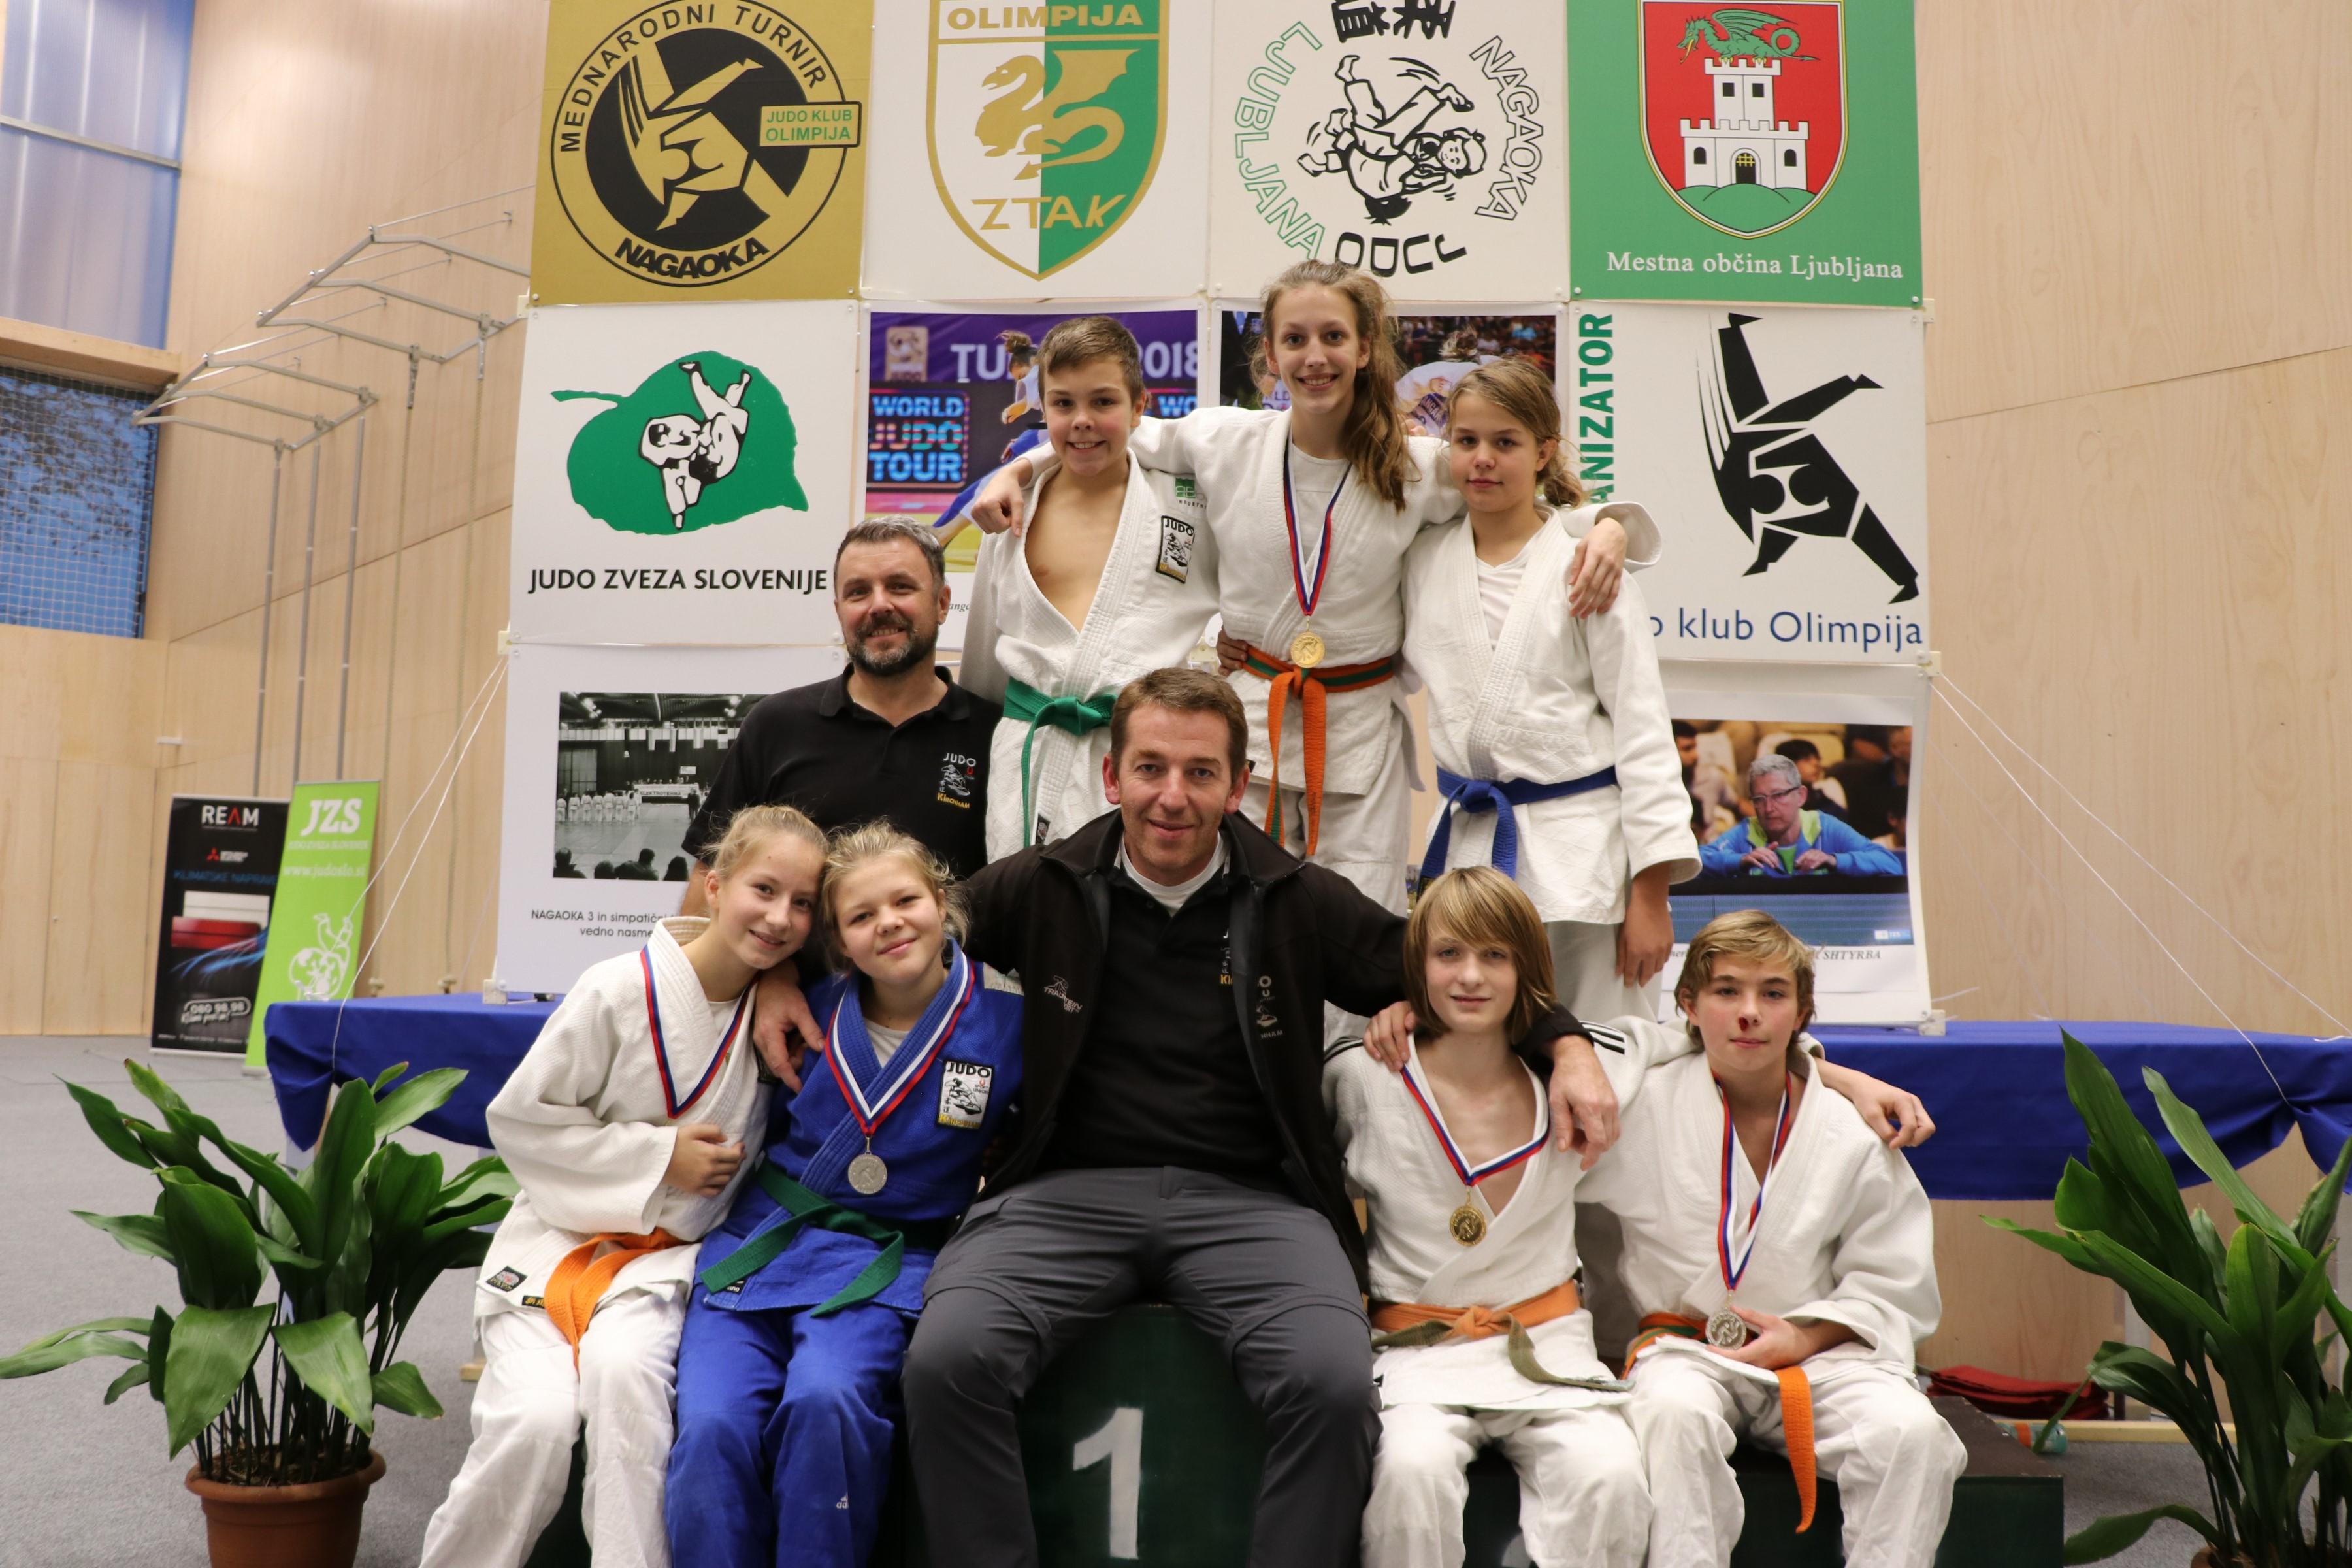 Kirchham startet mit dem Team Upperaustria beim Int. Judoturnier MINI NAGAOKA CUP LJUBLJANA in Slowenien